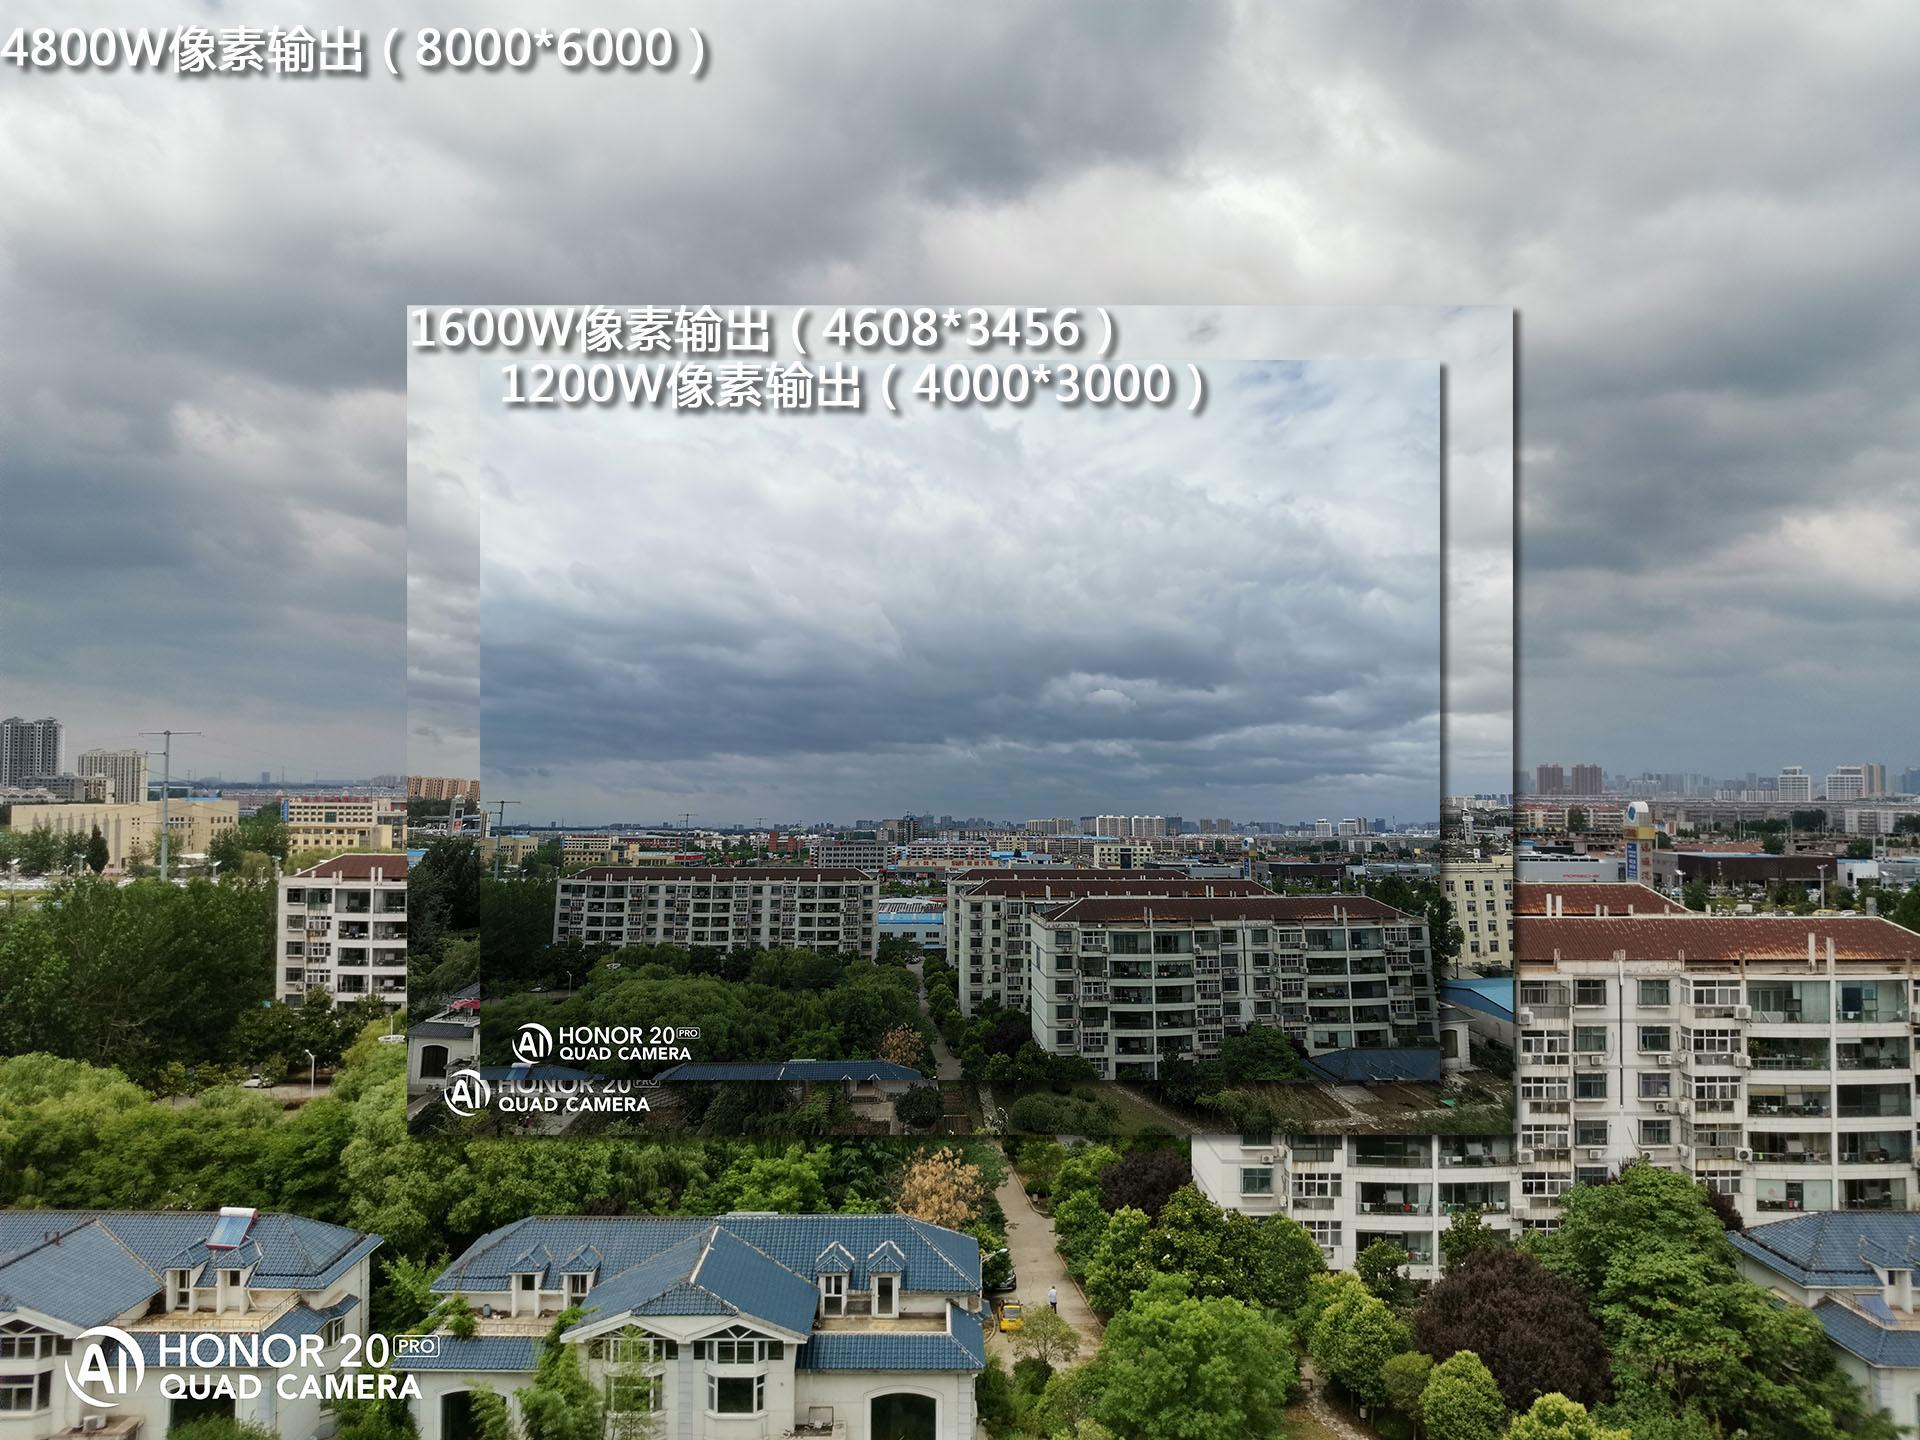 不同像素拍照对比.jpg